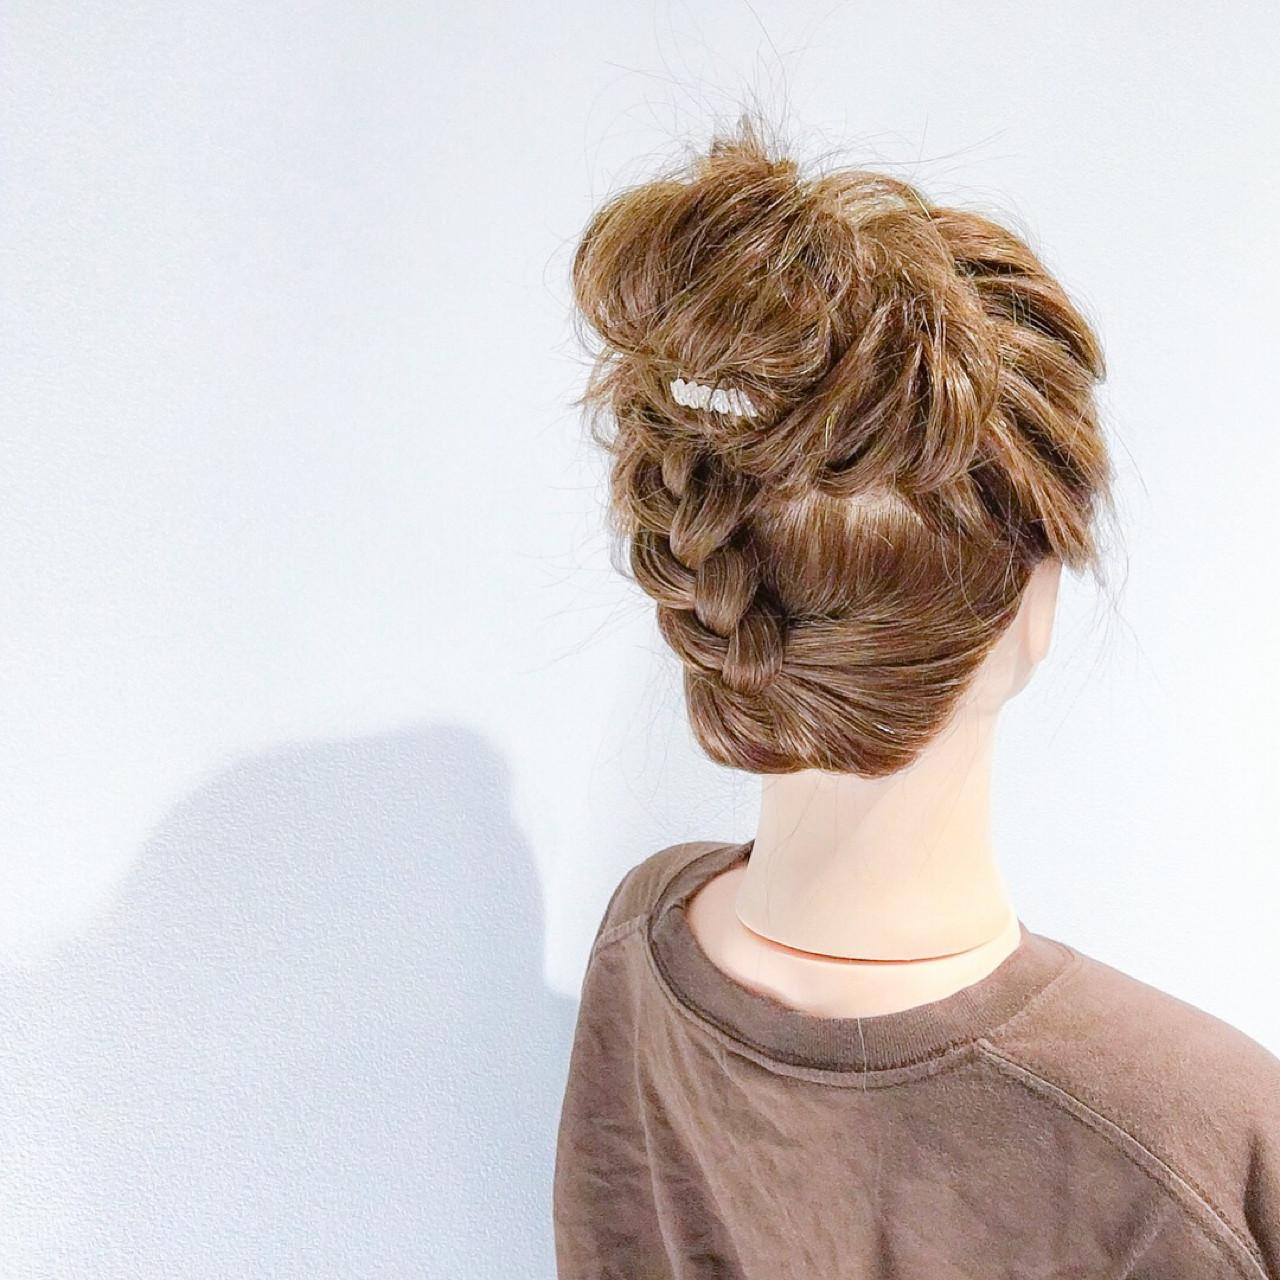 デート ヘアアレンジ セミロング アウトドア ヘアスタイルや髪型の写真・画像